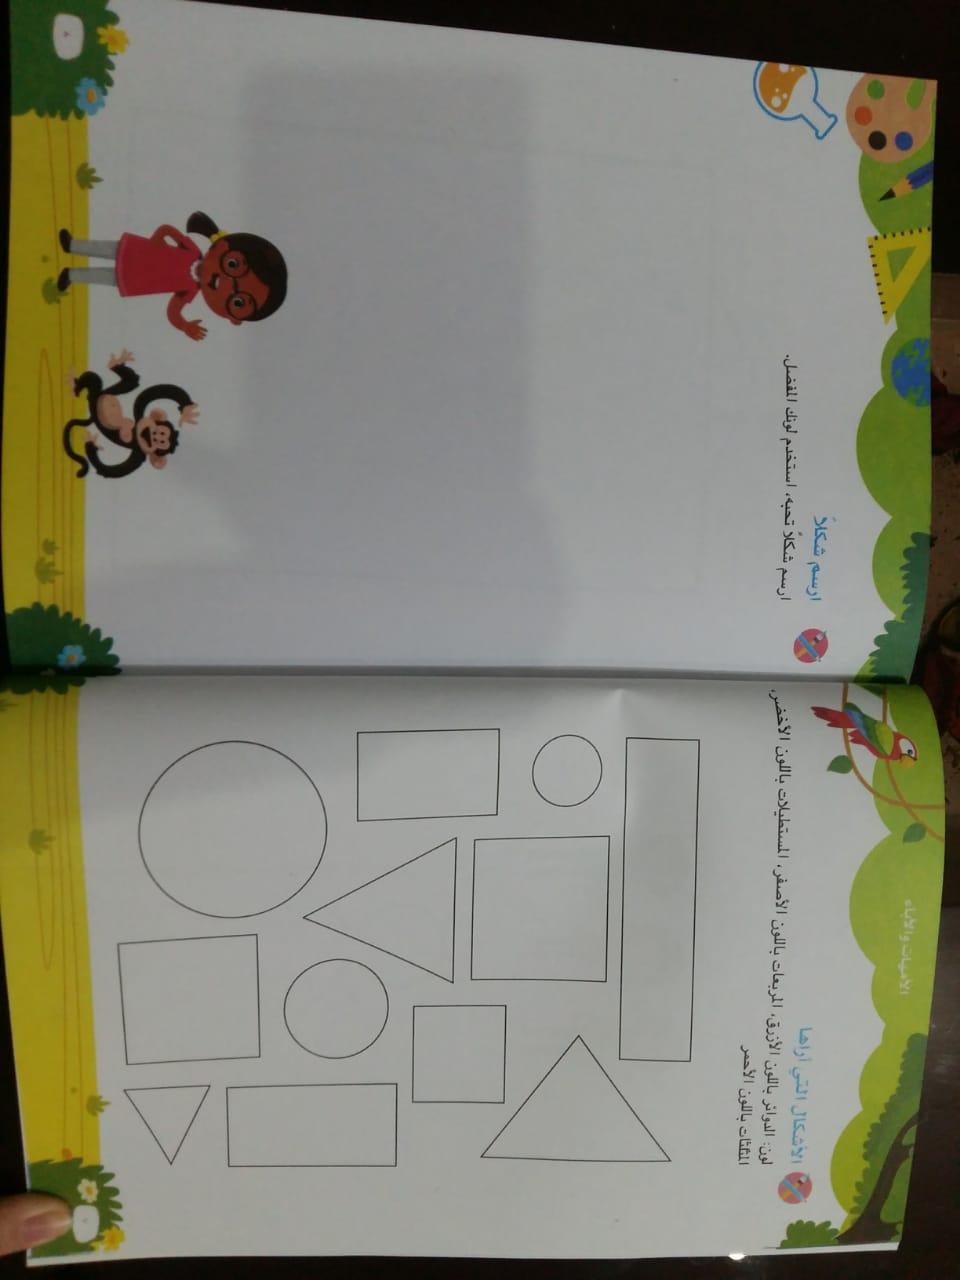 منهج رياض الأطفال الجديد (66)